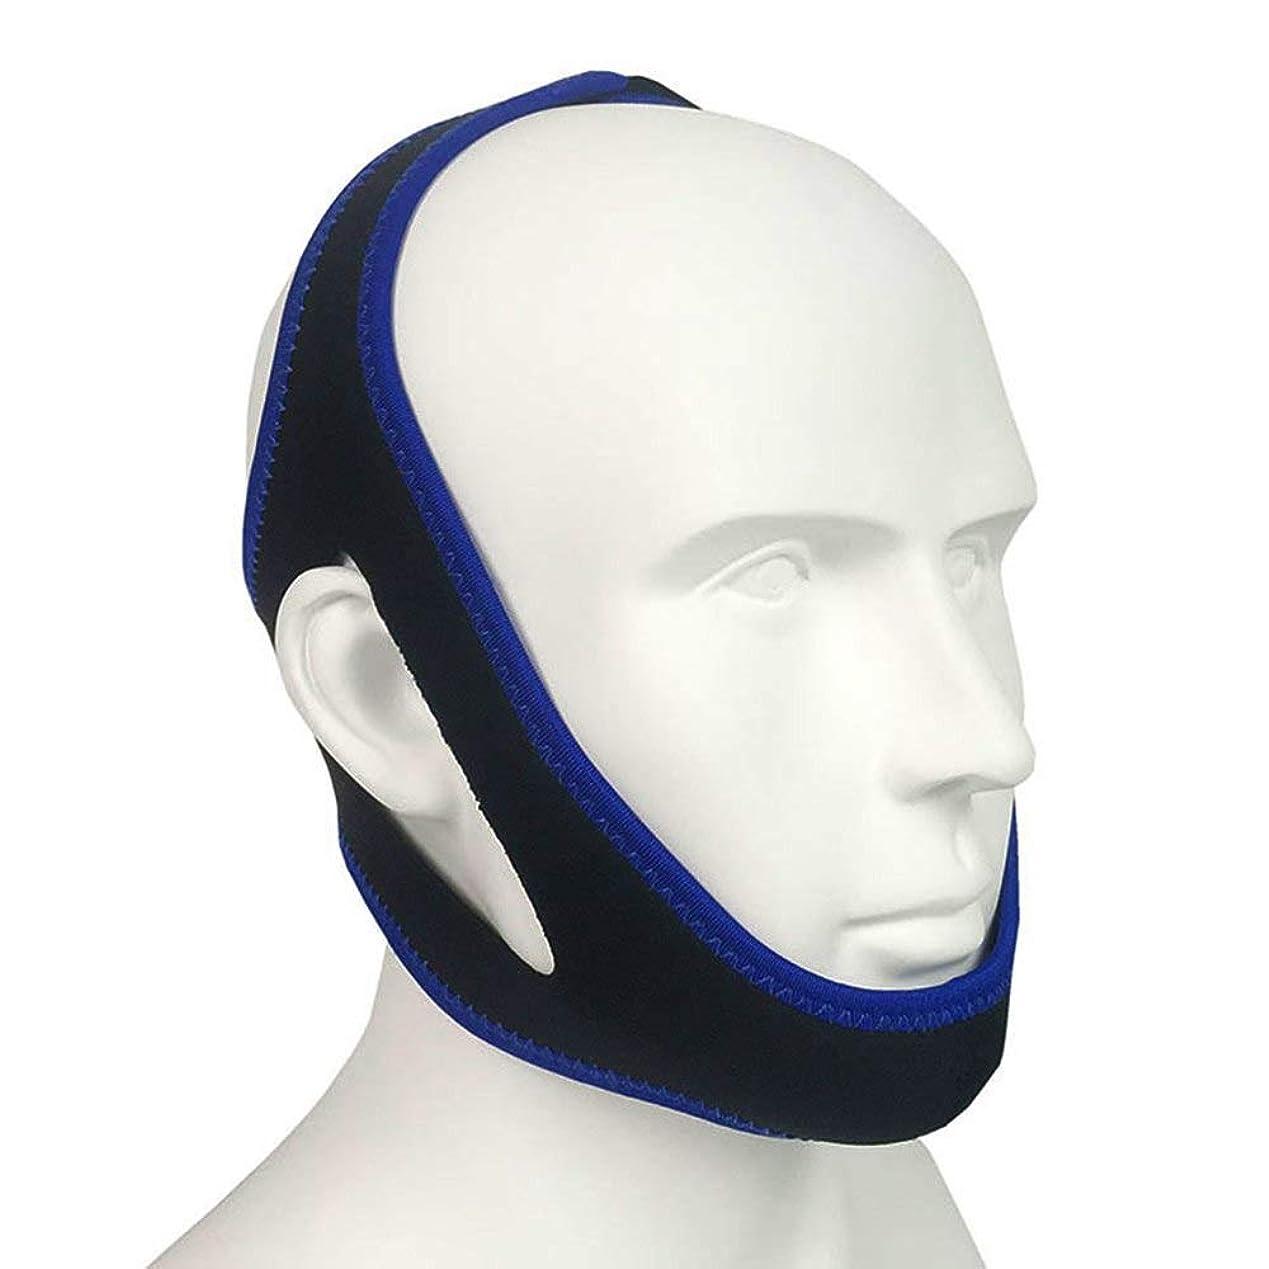 マリナーカスケードサイクルNOTE 抗いびき睡眠マスク三角形ヘッドバンドいびきベルト停止いびきジョーサポートストラップ用女性男性ヘルスケア睡眠ツール